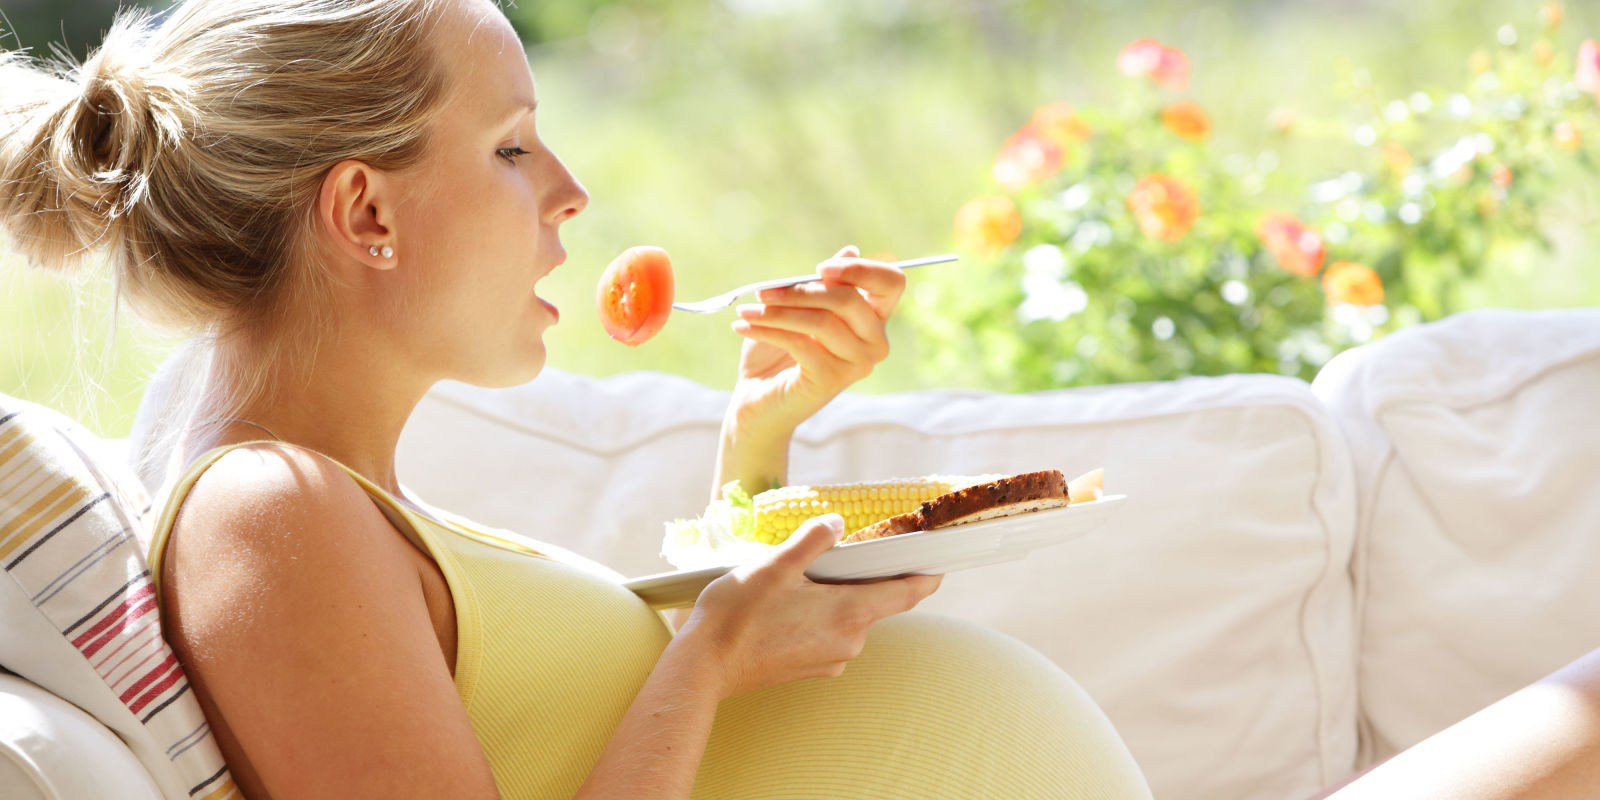 putnicko-osiguranje-za-trudnu-zenu